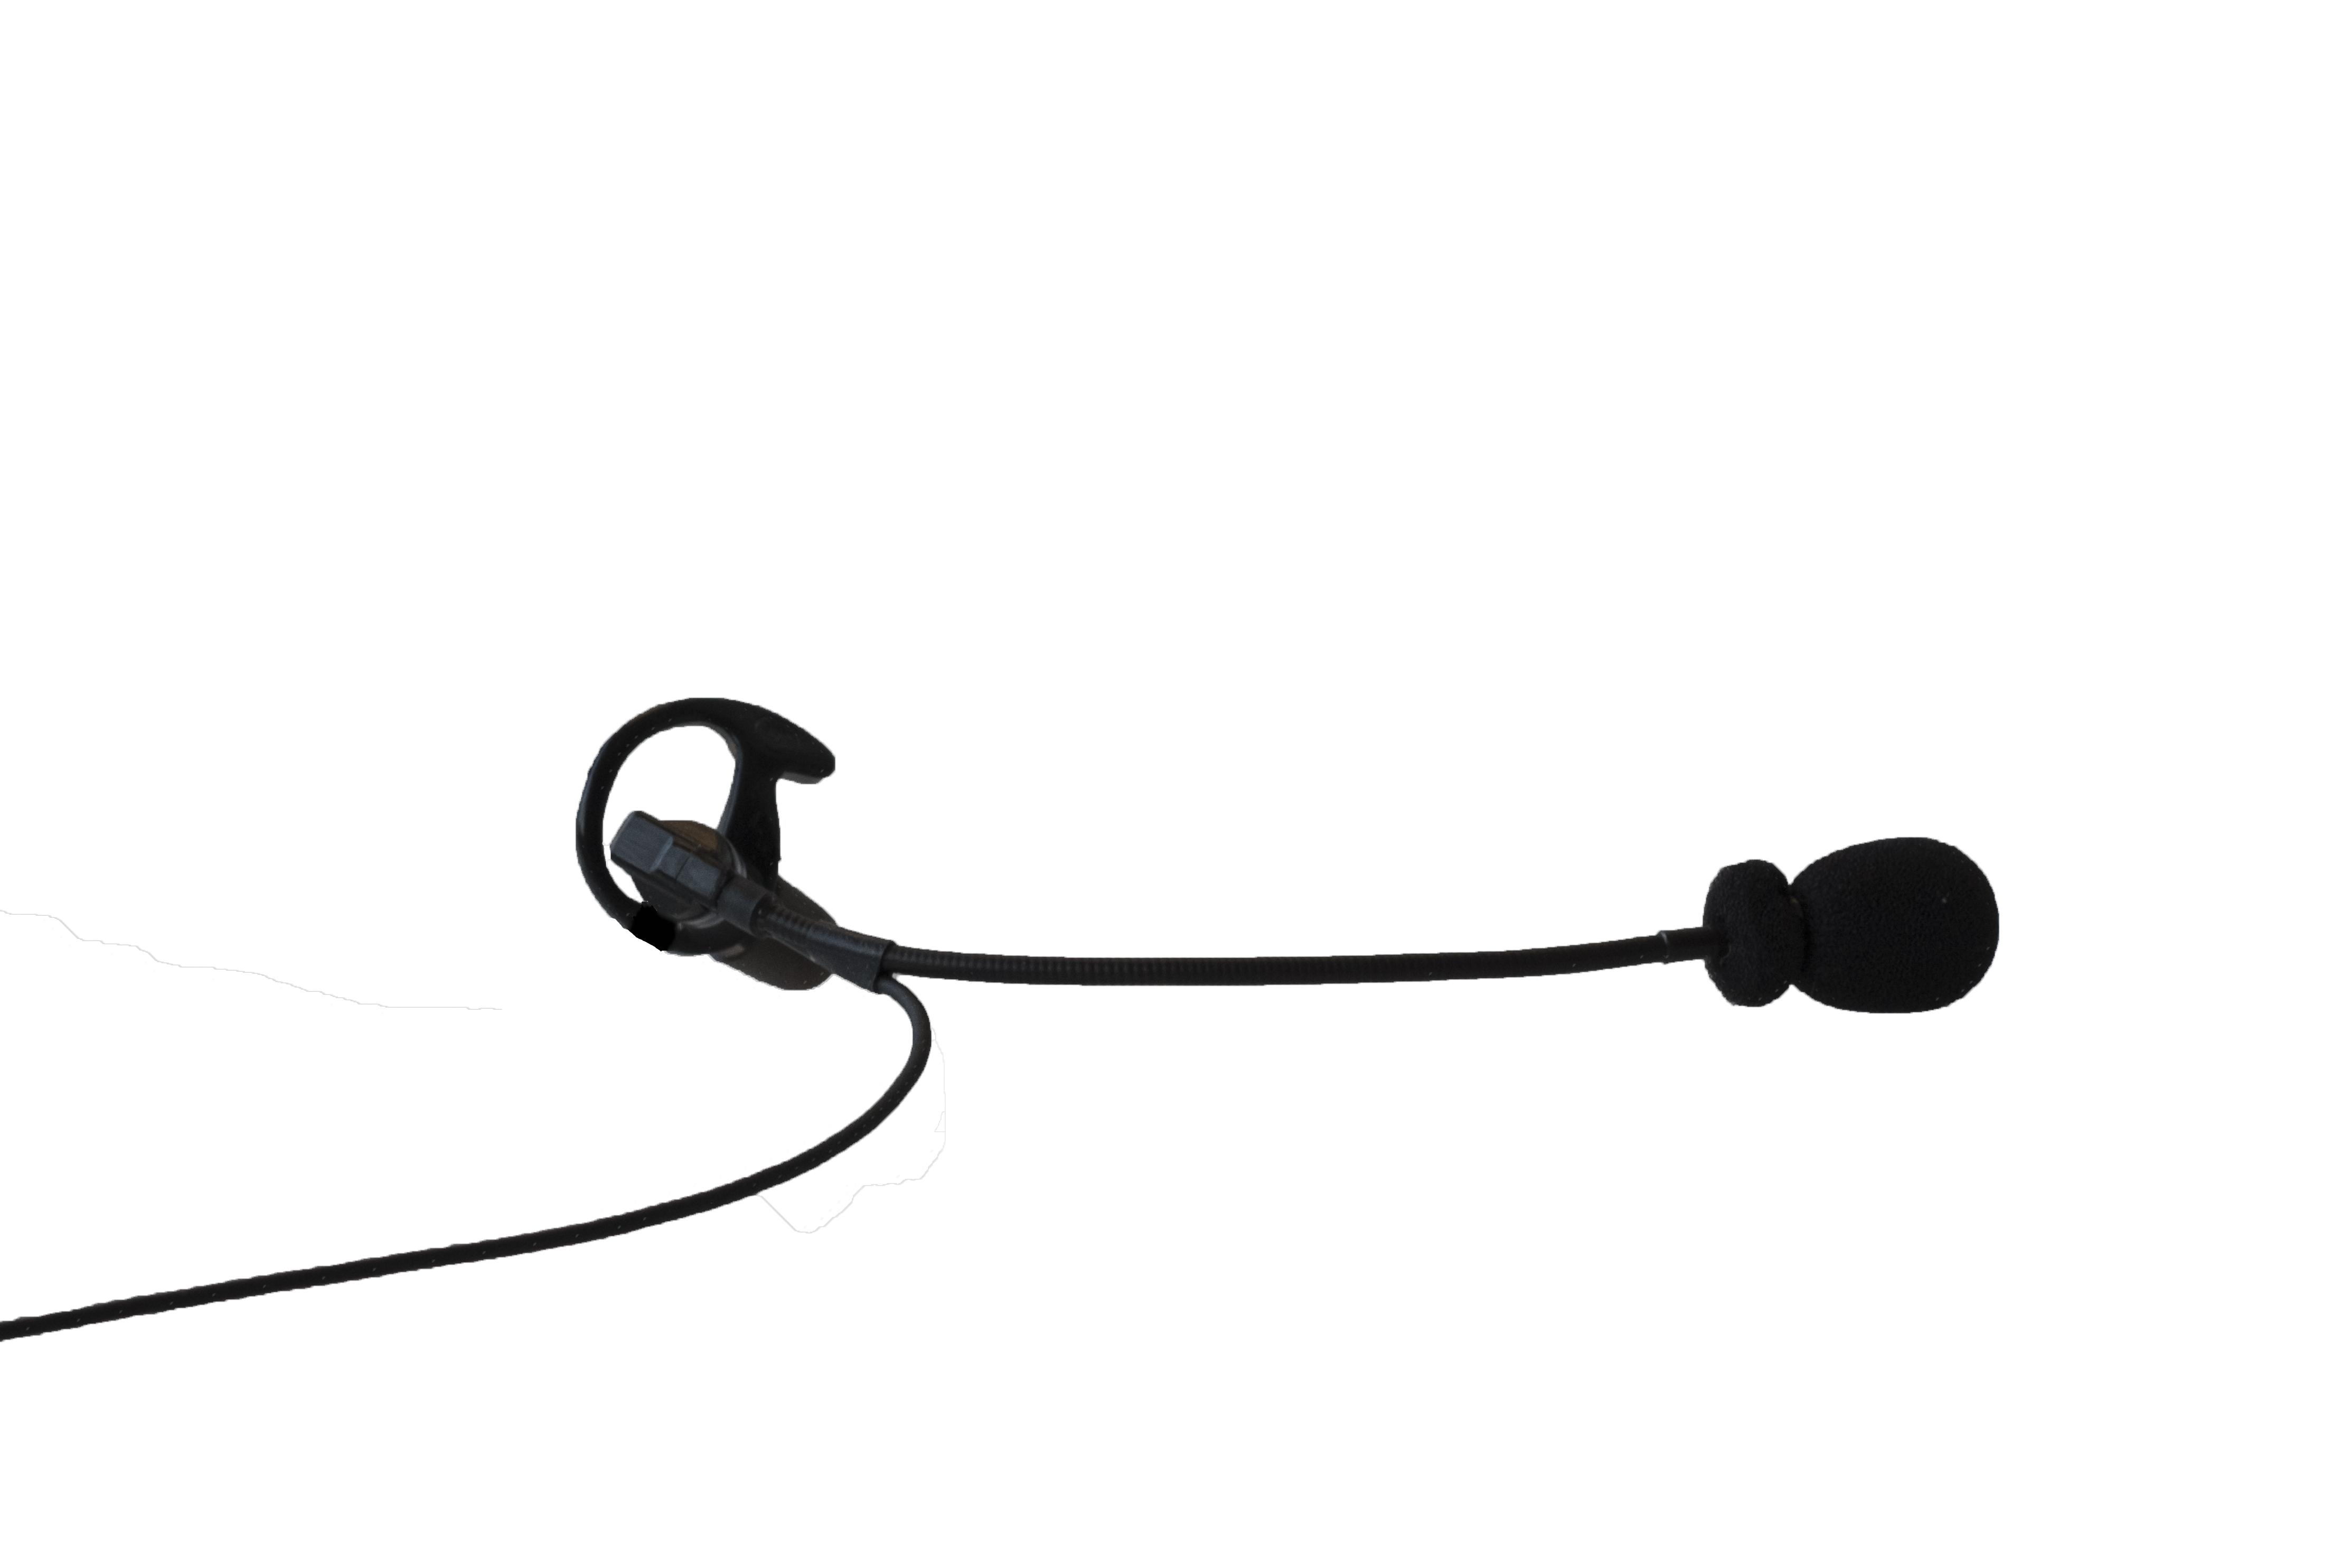 Entdecken Sie Das Praktische Und Effiziente Axiwi Funk Headset Axiwi